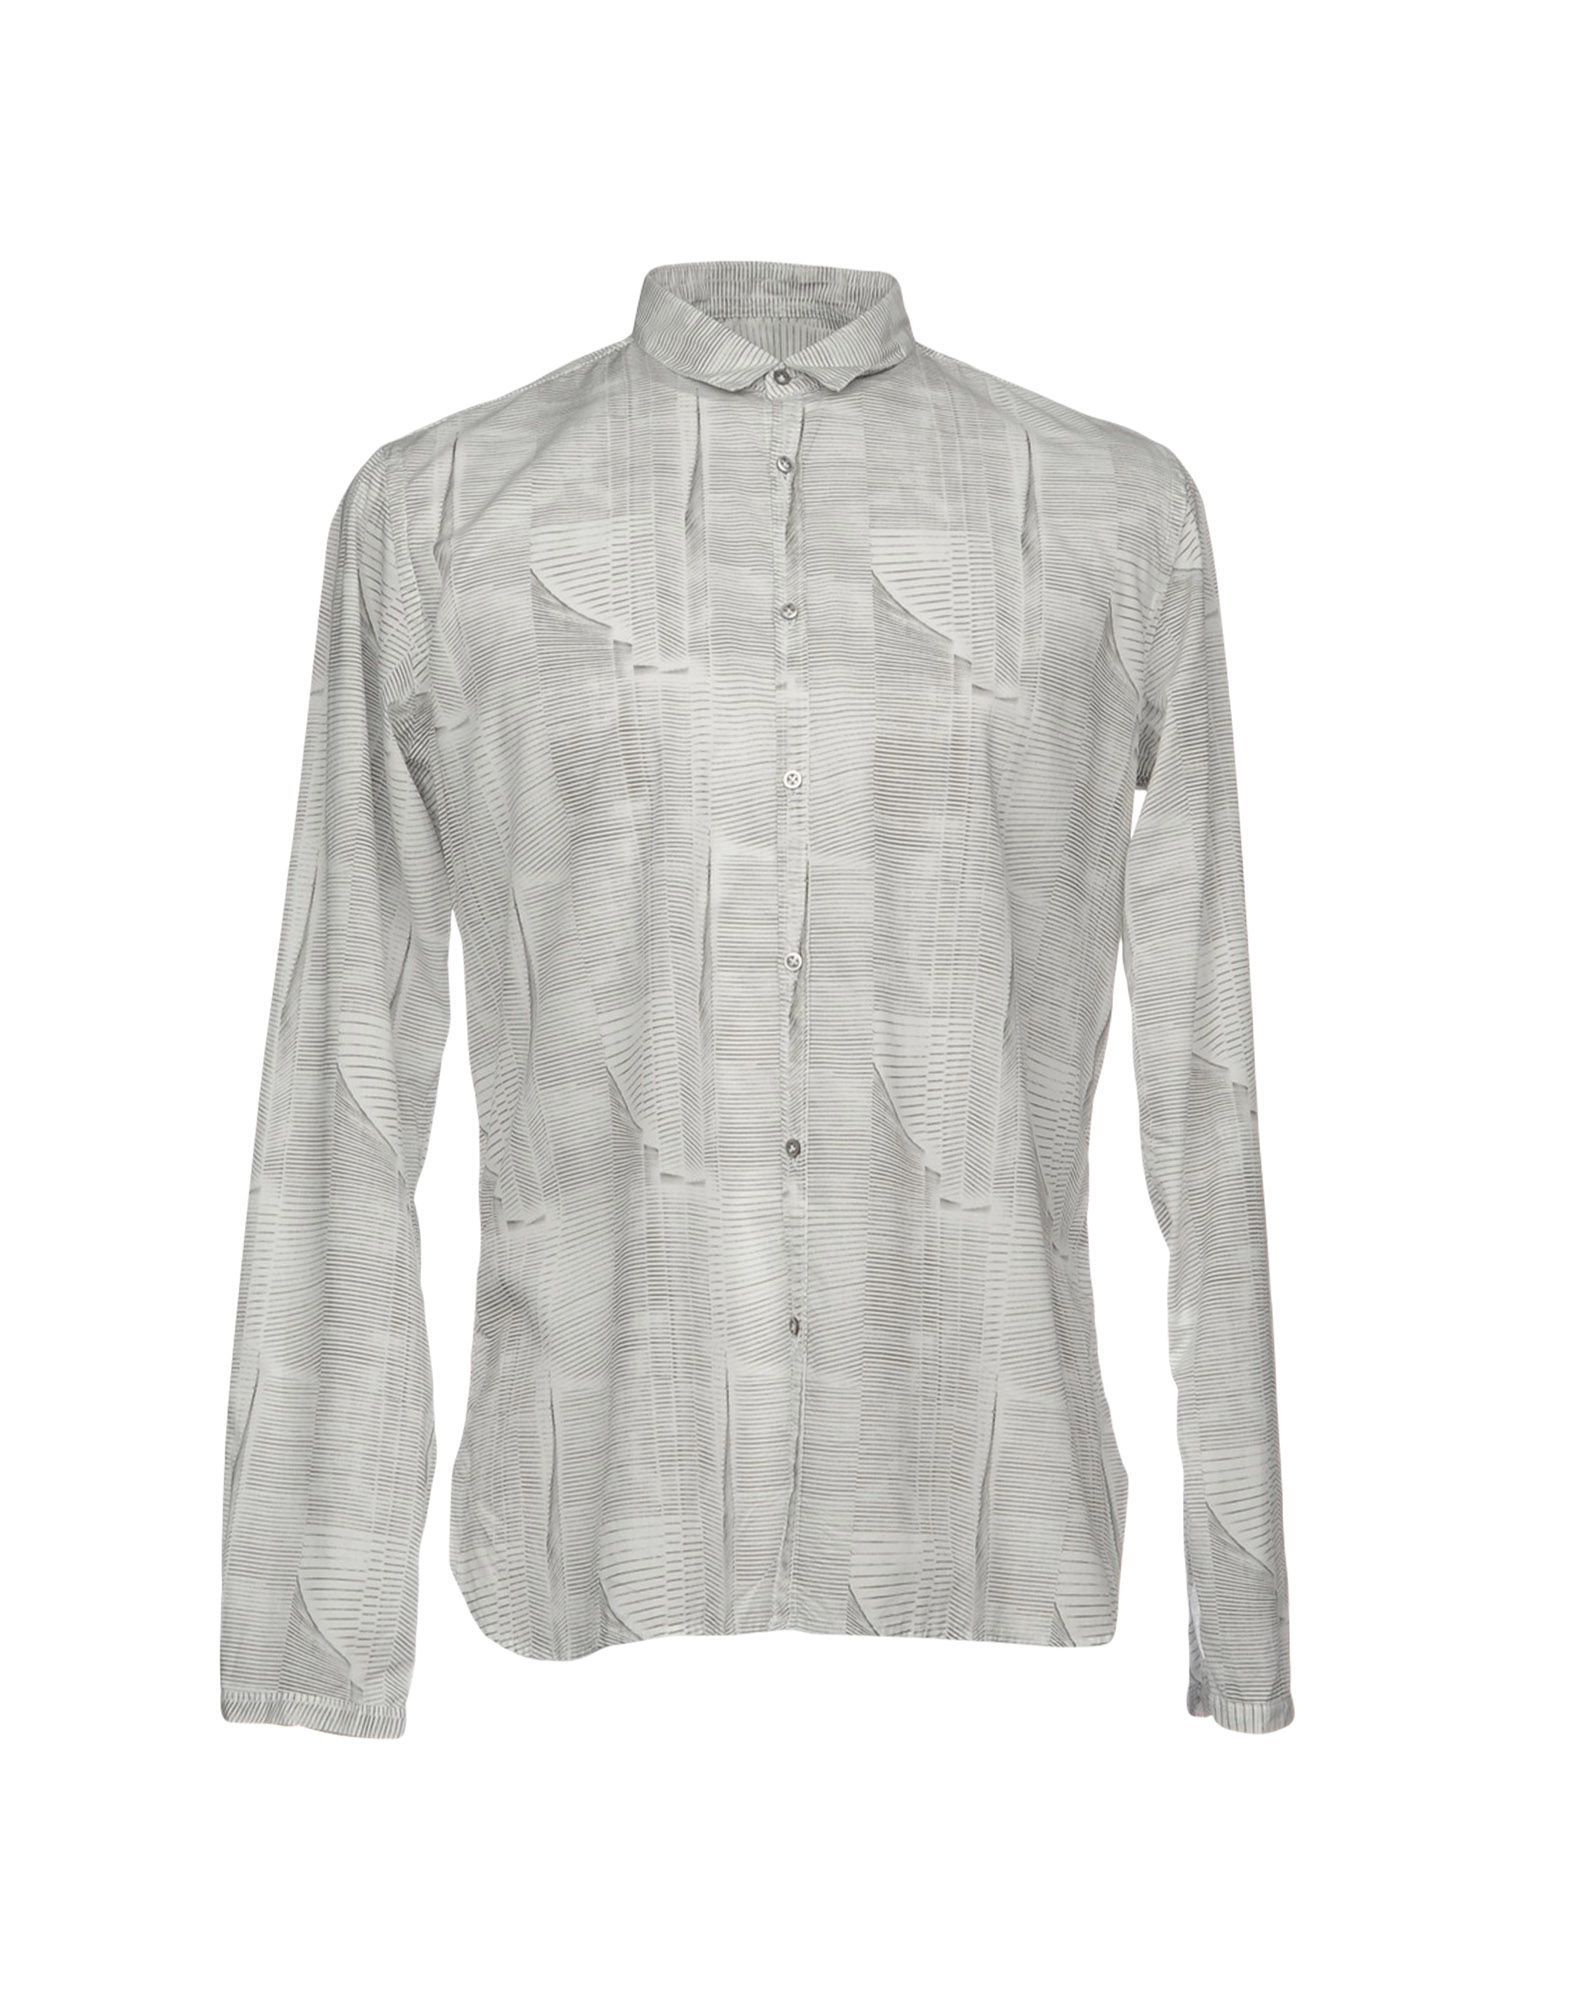 6167 Herren Hemd Farbe Hellgrau Größe 8